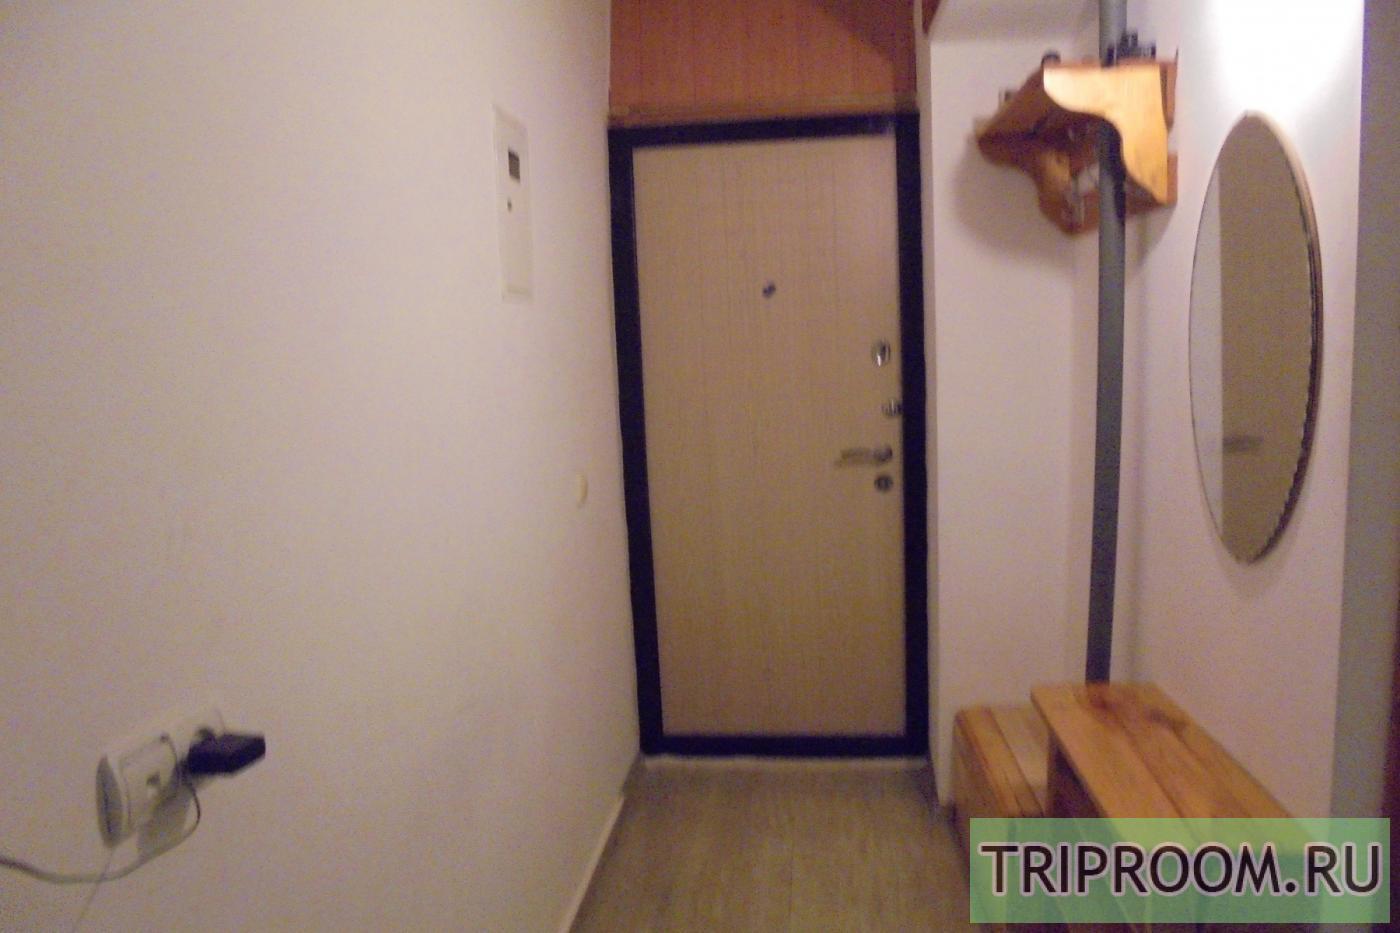 2-комнатная квартира посуточно (вариант № 18335), ул. Ефремова улица, фото № 7